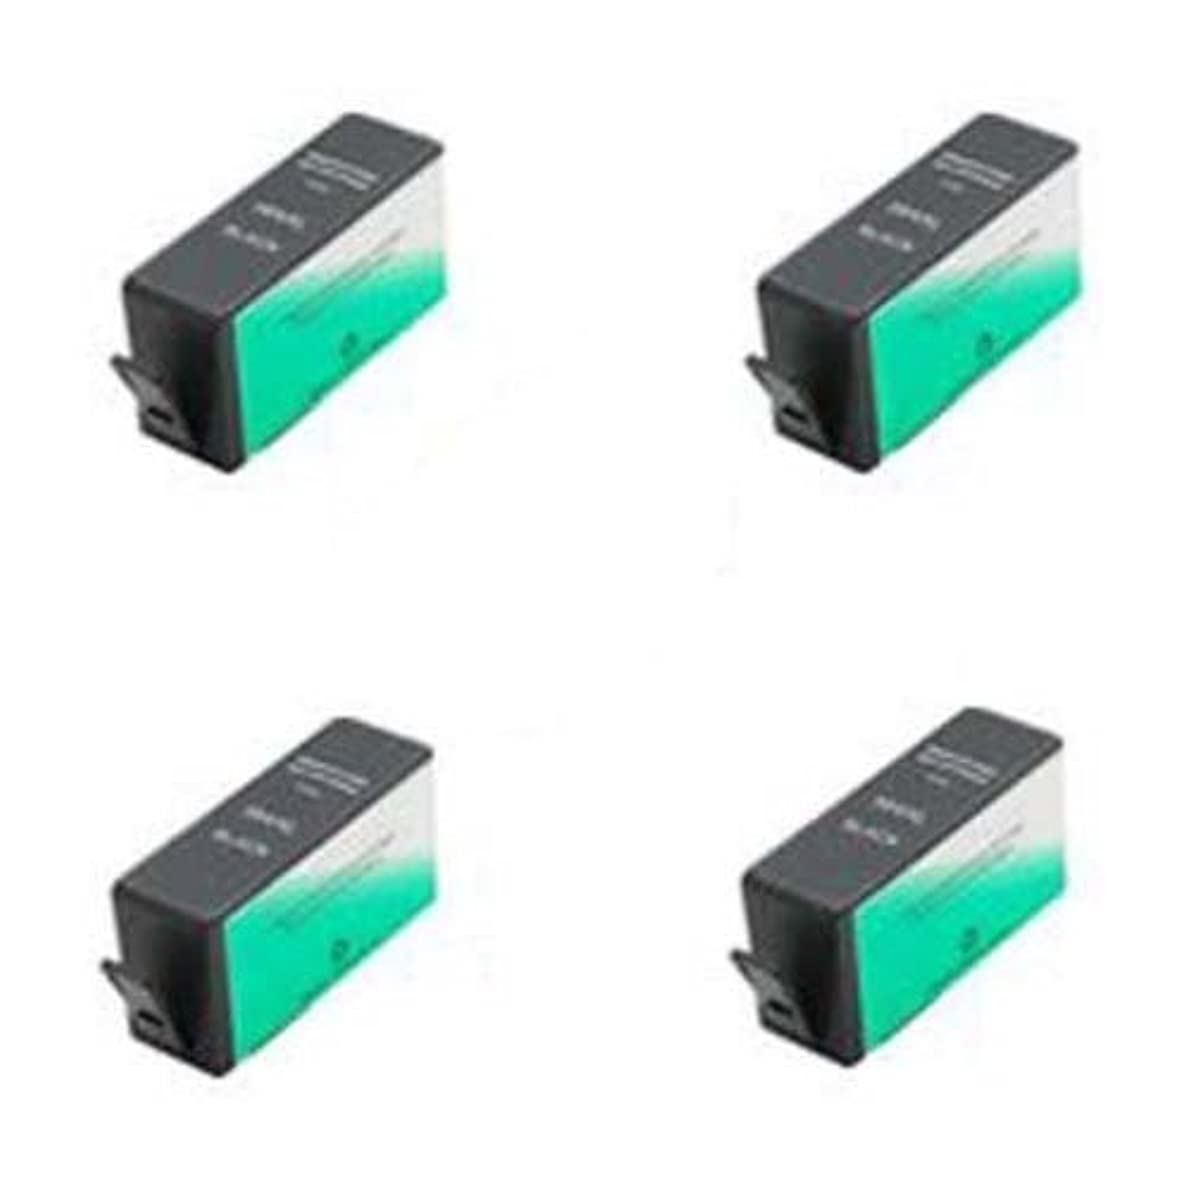 マエストロ救援優しいAmsahr 564XLBK(CN684WN) HP CN684WN B8550 C5380 Remanufactured Replacement Ink Cartridges 4-Pack Black [並行輸入品]